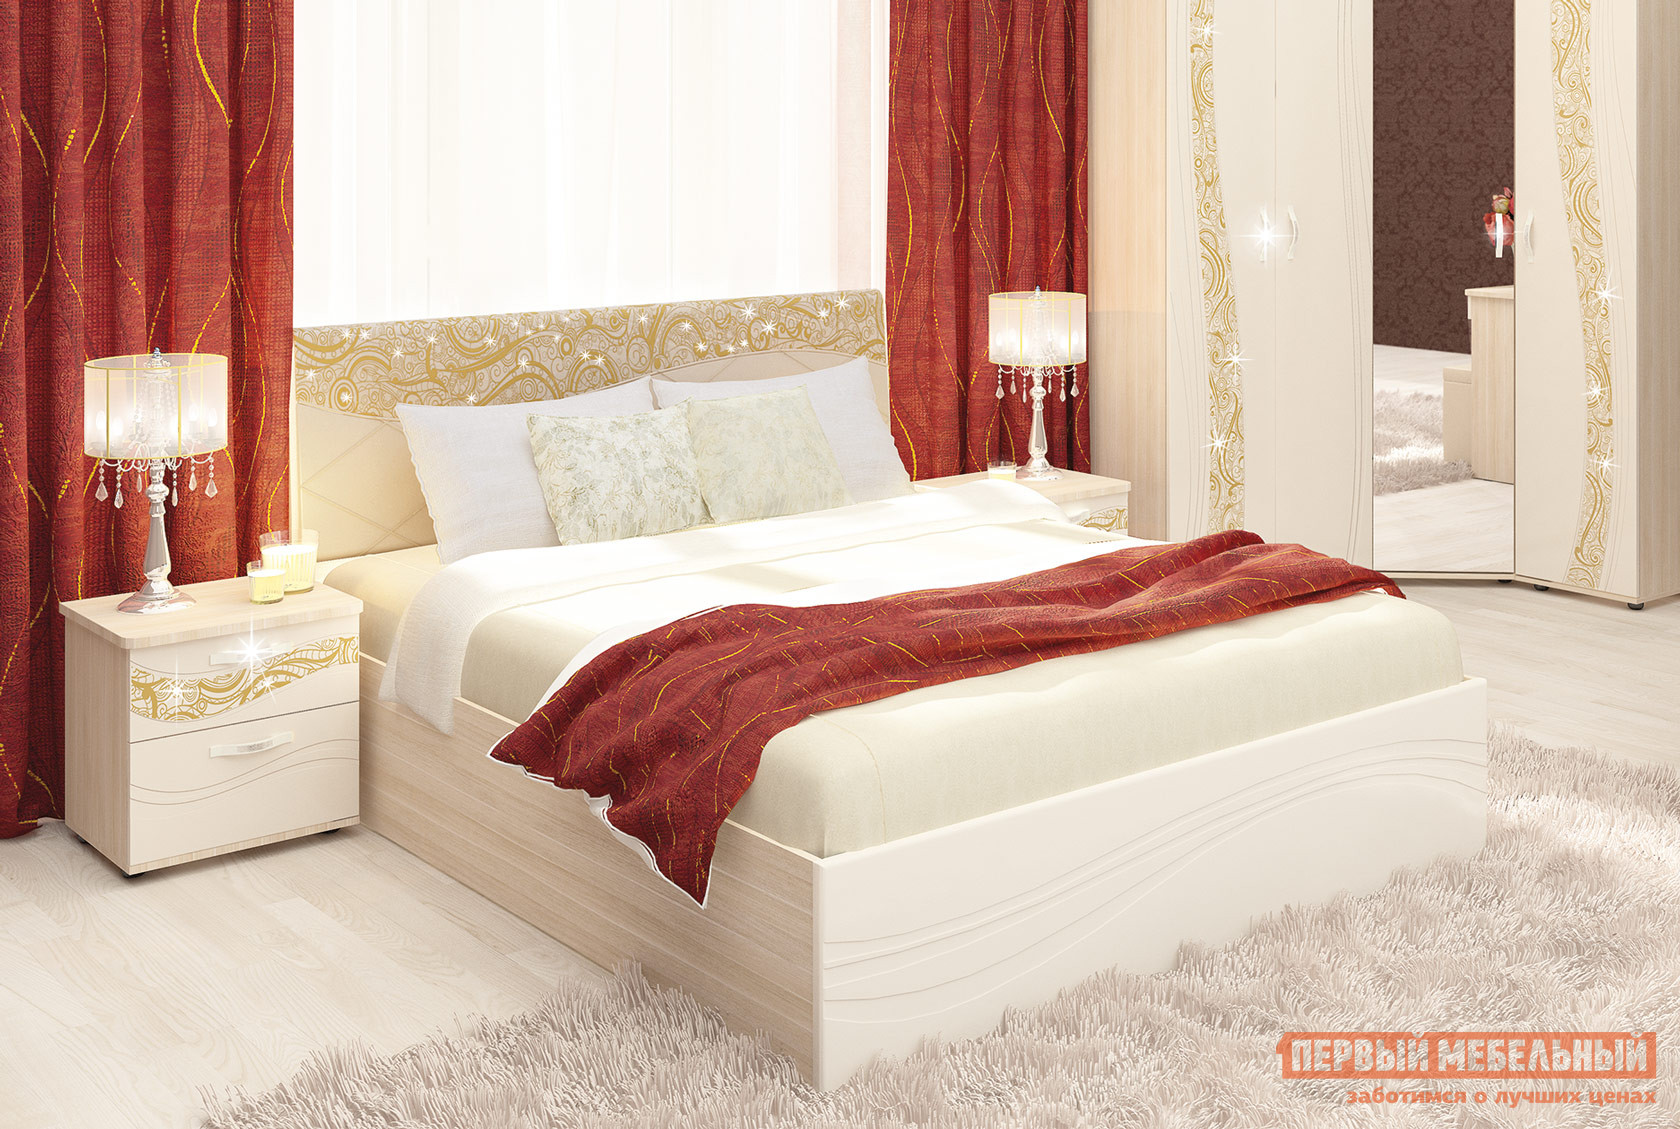 Двуспальная кровать Витра 98.21 двуспальная кровать витра 98 21